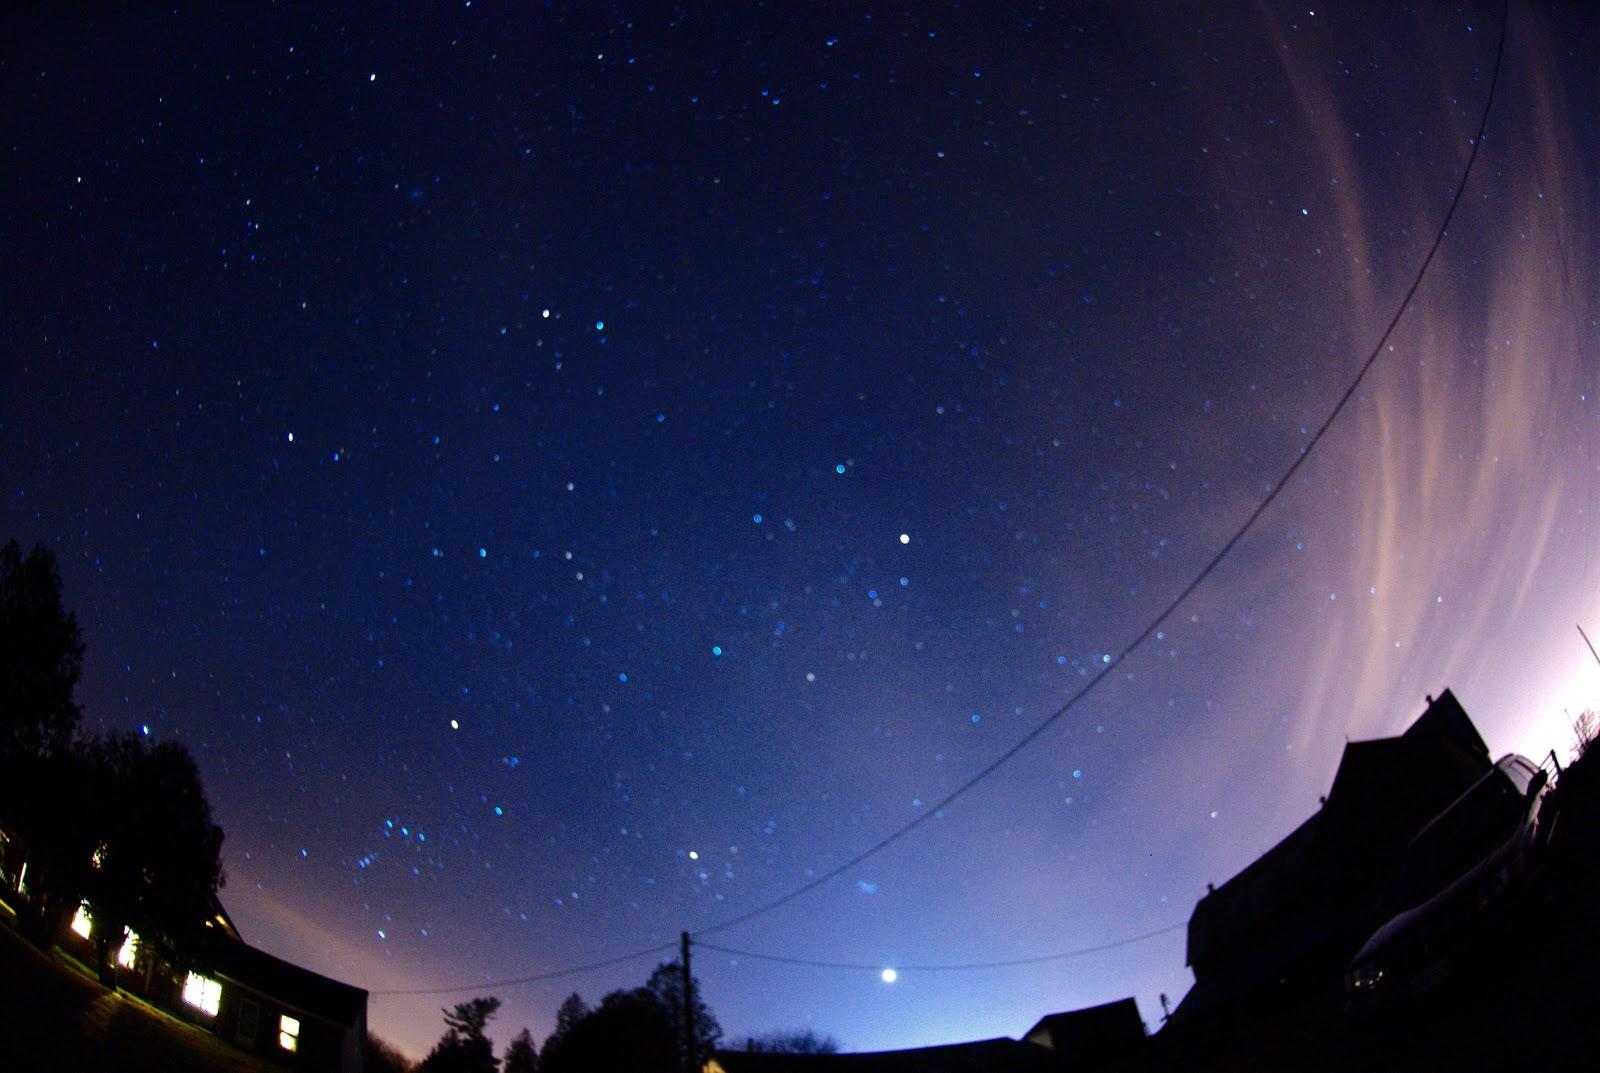 Những chòm sao mùa đông. Tác giả : Phillip Chee.